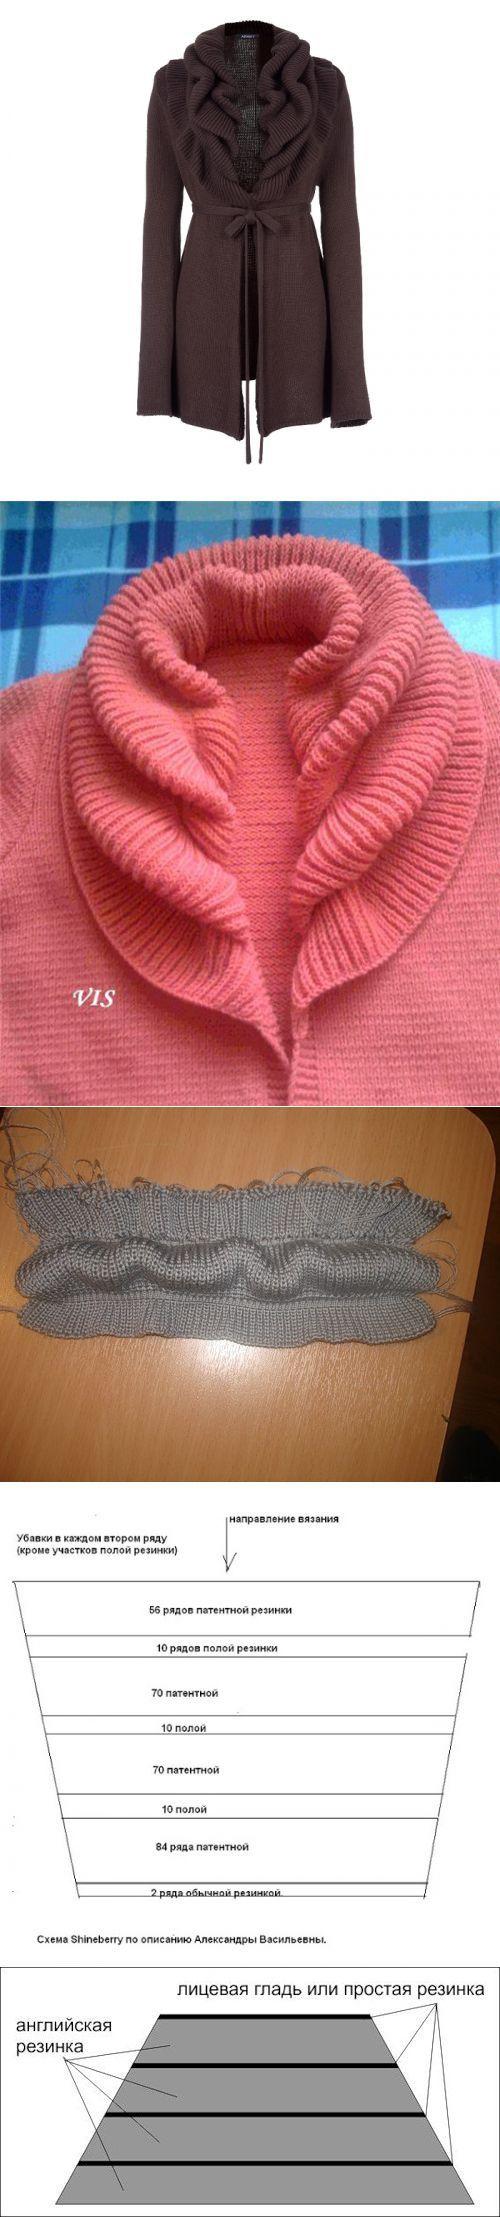 针织开衫 - 蕾妮的日志 - 网易博客 | вязание | Постила